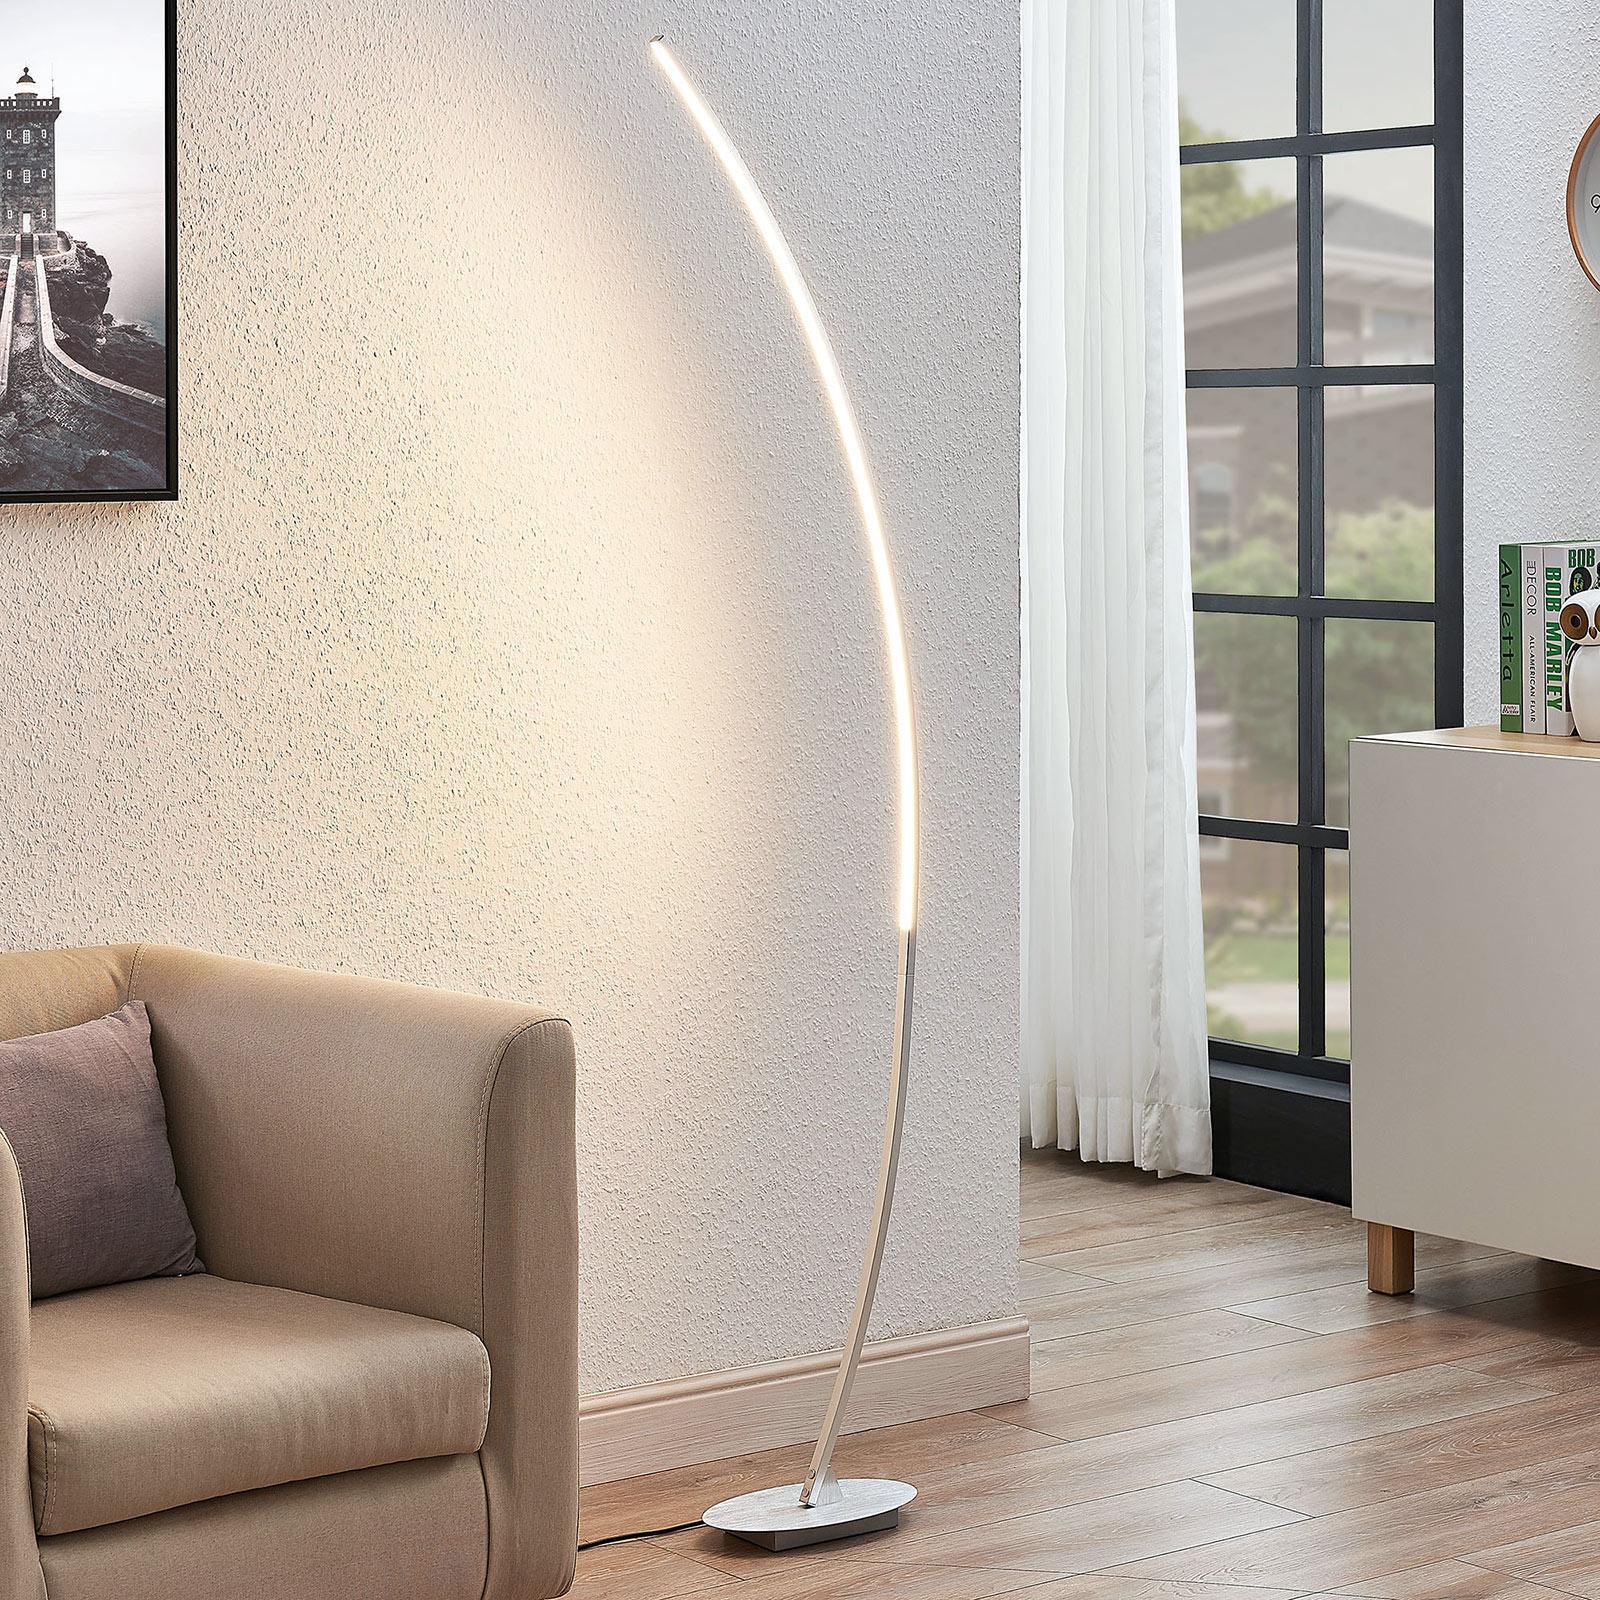 Recenze svetla24: oblouková stojací lampa LED